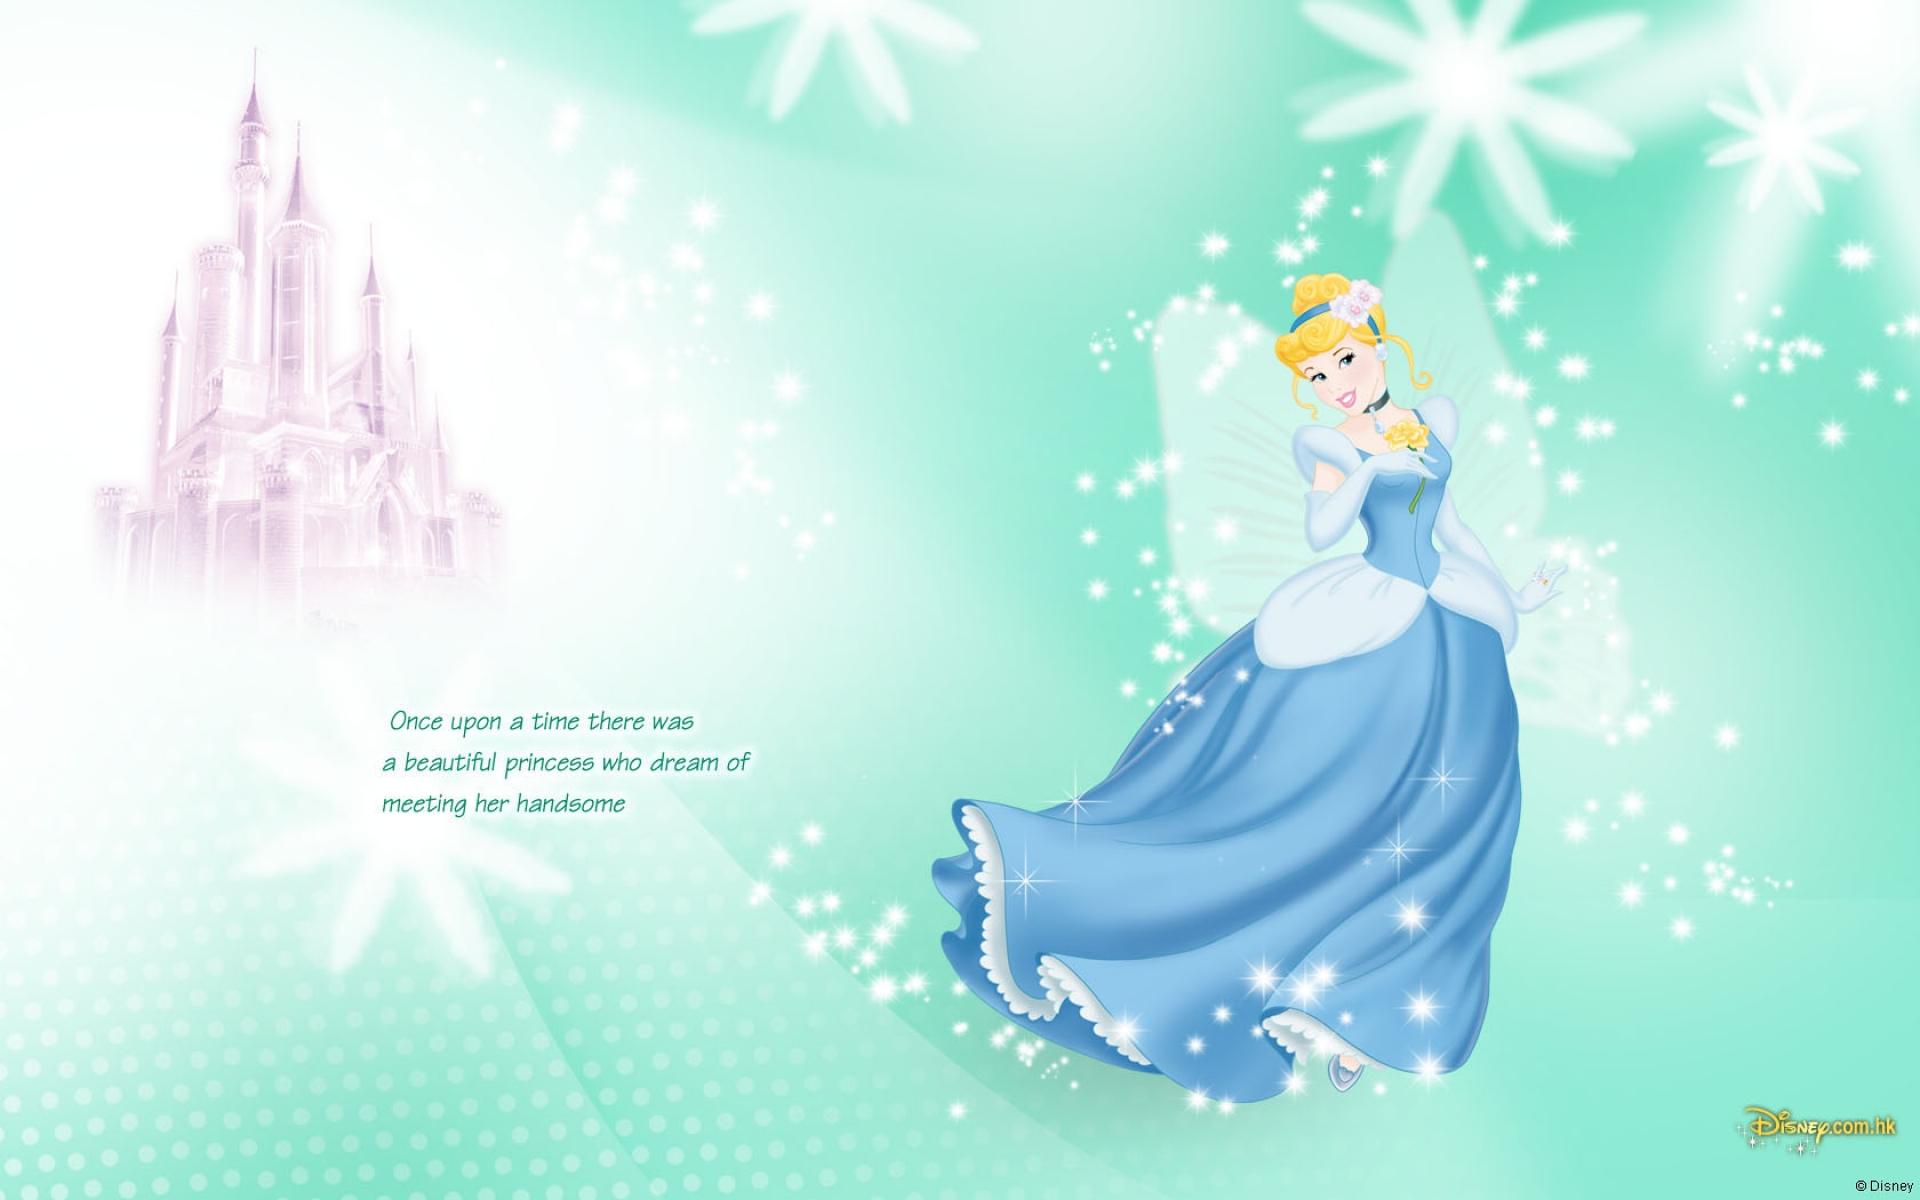 ディズニープリンセス プリンセスの背景の壁紙 19x10 Wallpapertip